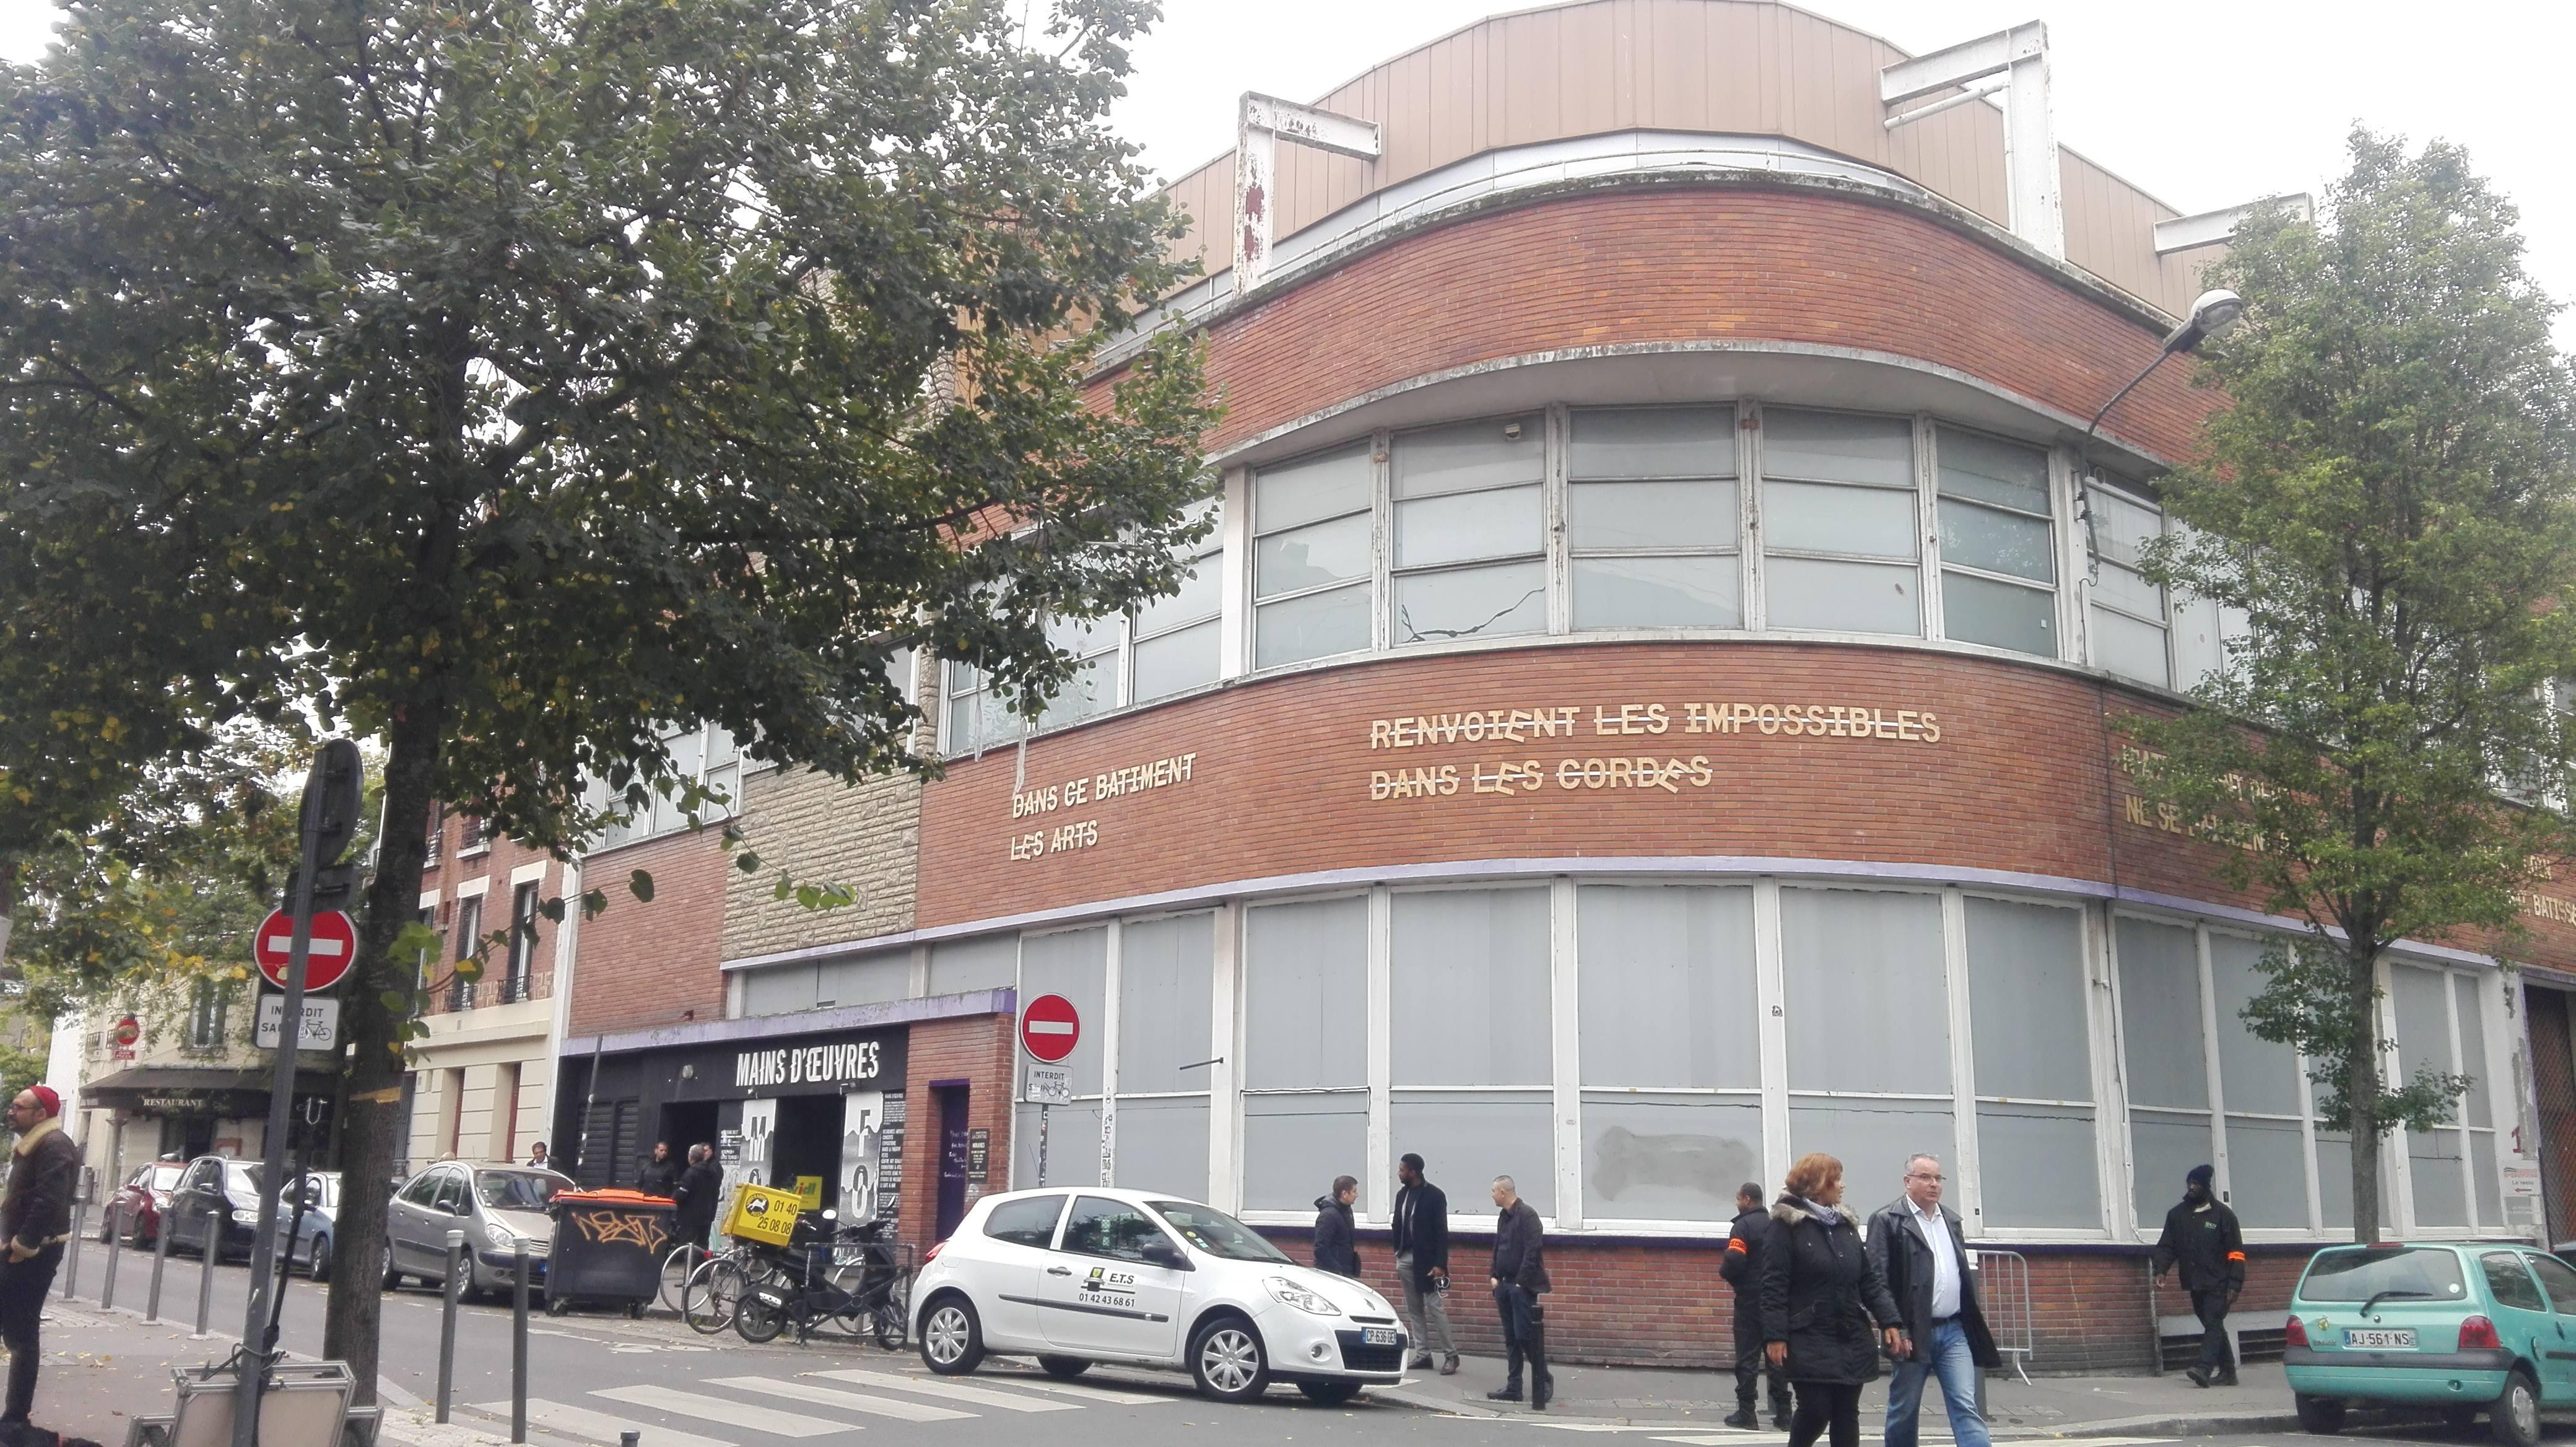 Le bâtiment qui abritait Mains d'oeuvres depuis 19 ans est surveillé par 10 agents de sécurité